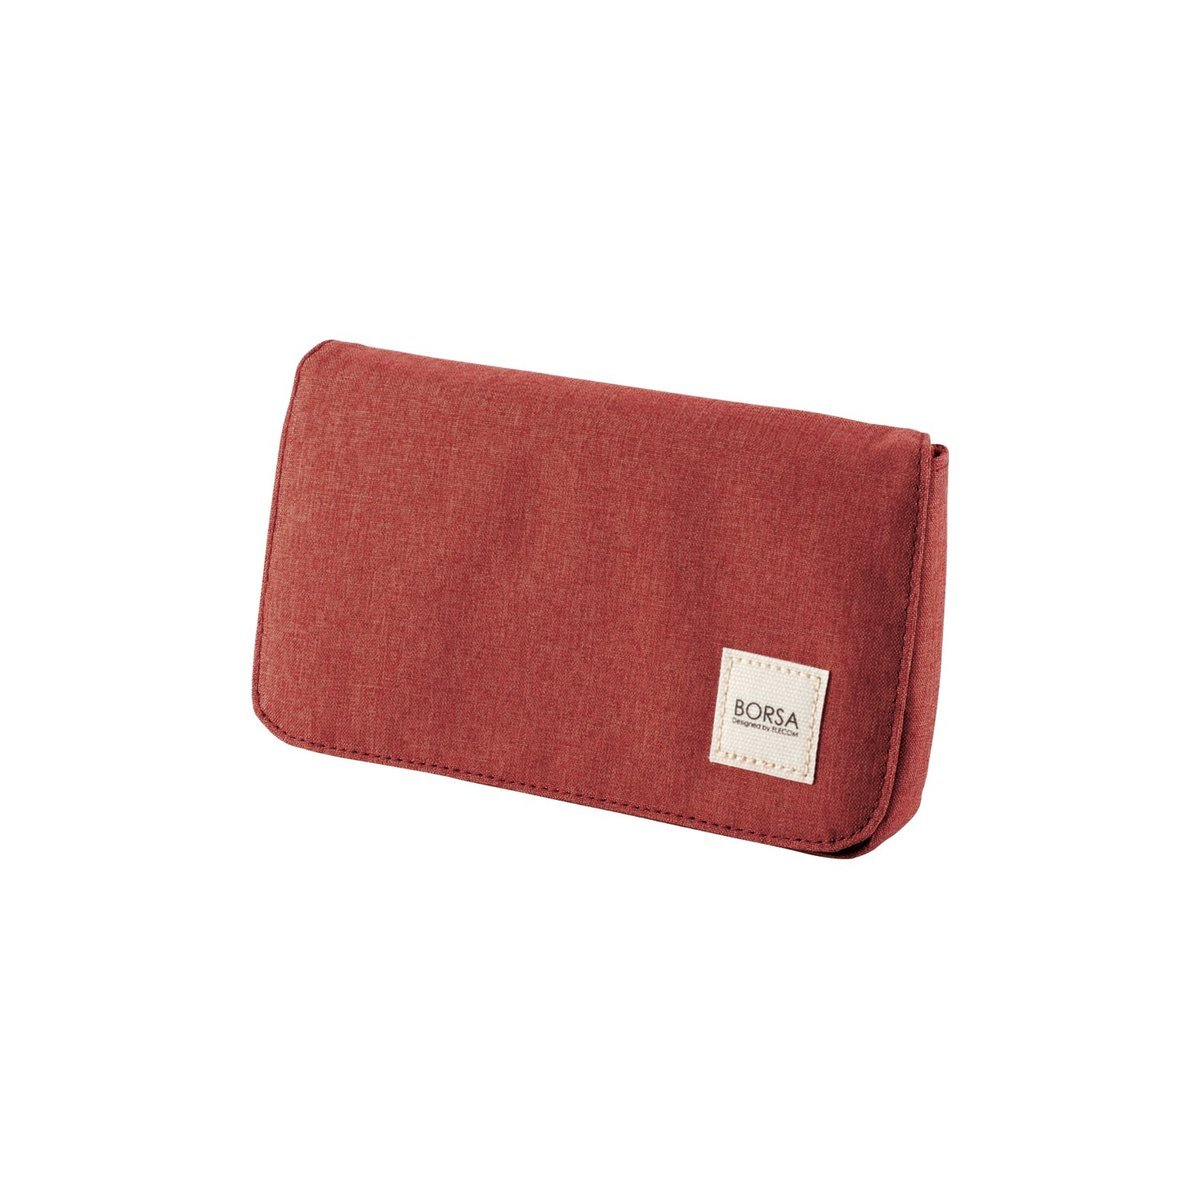 揭蓋式收納袋(紅色)